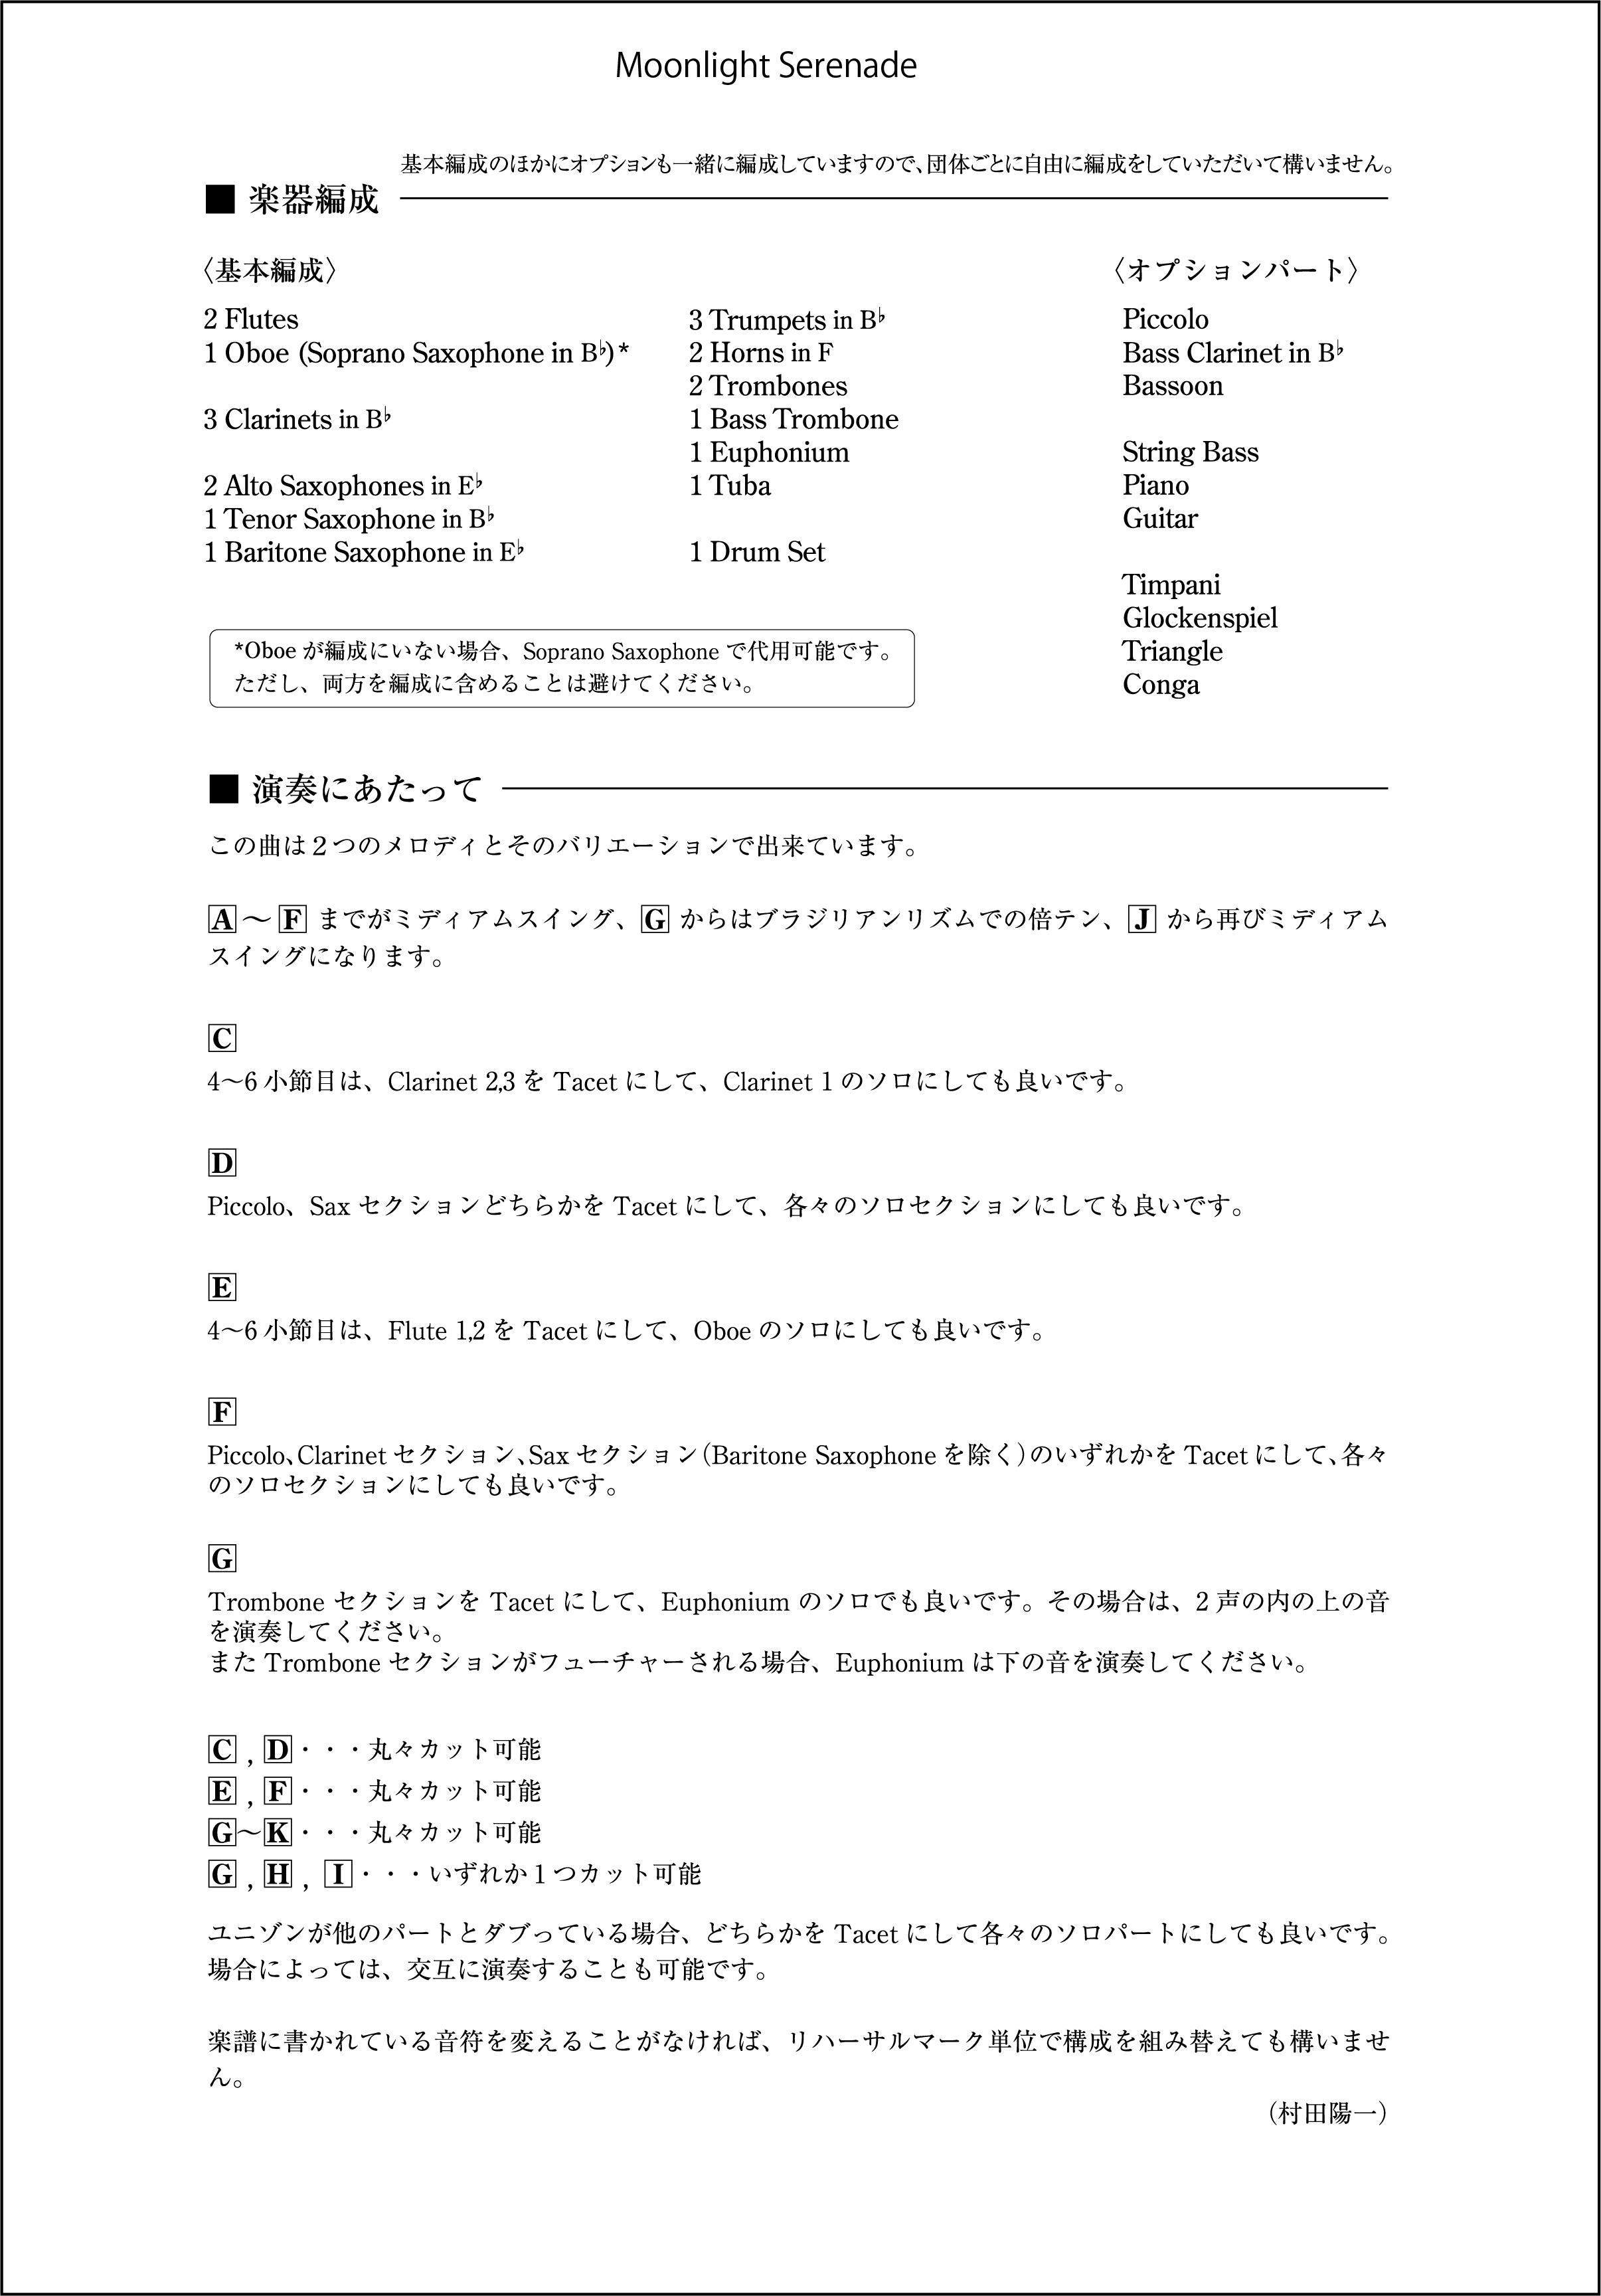 AJBSC課題曲ムーンライトセレナーデ